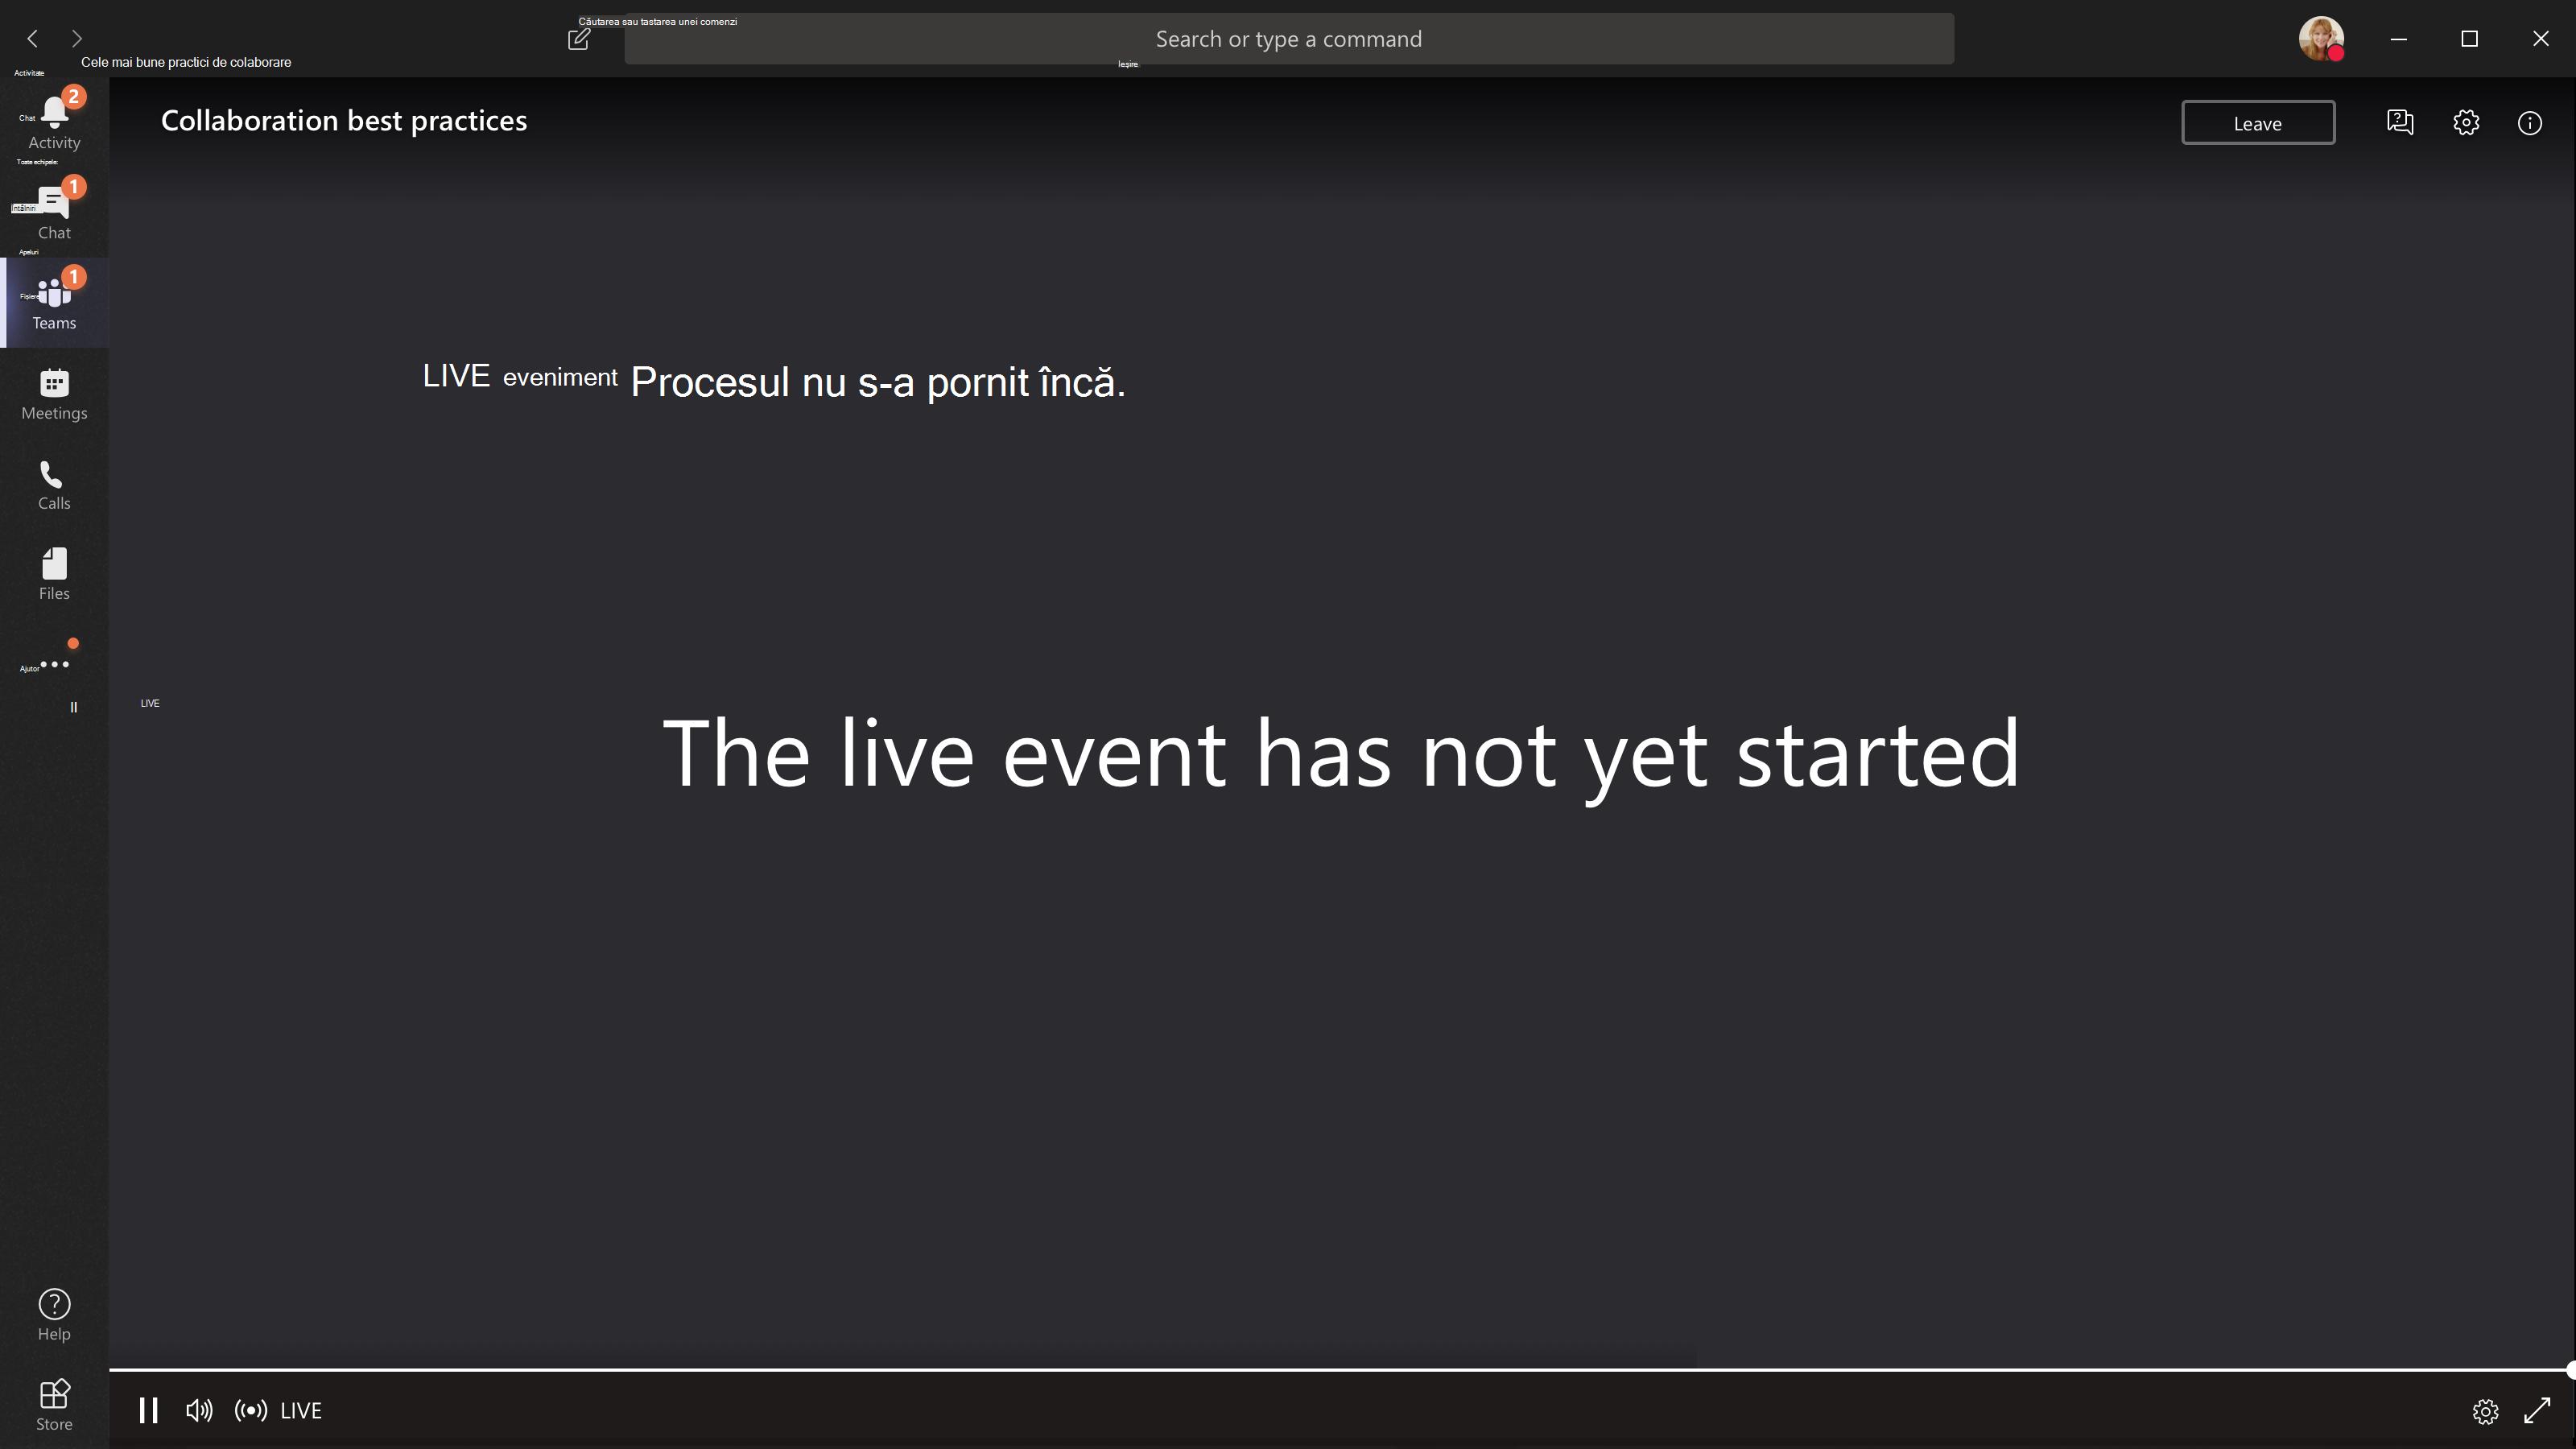 Eveniment nu a început